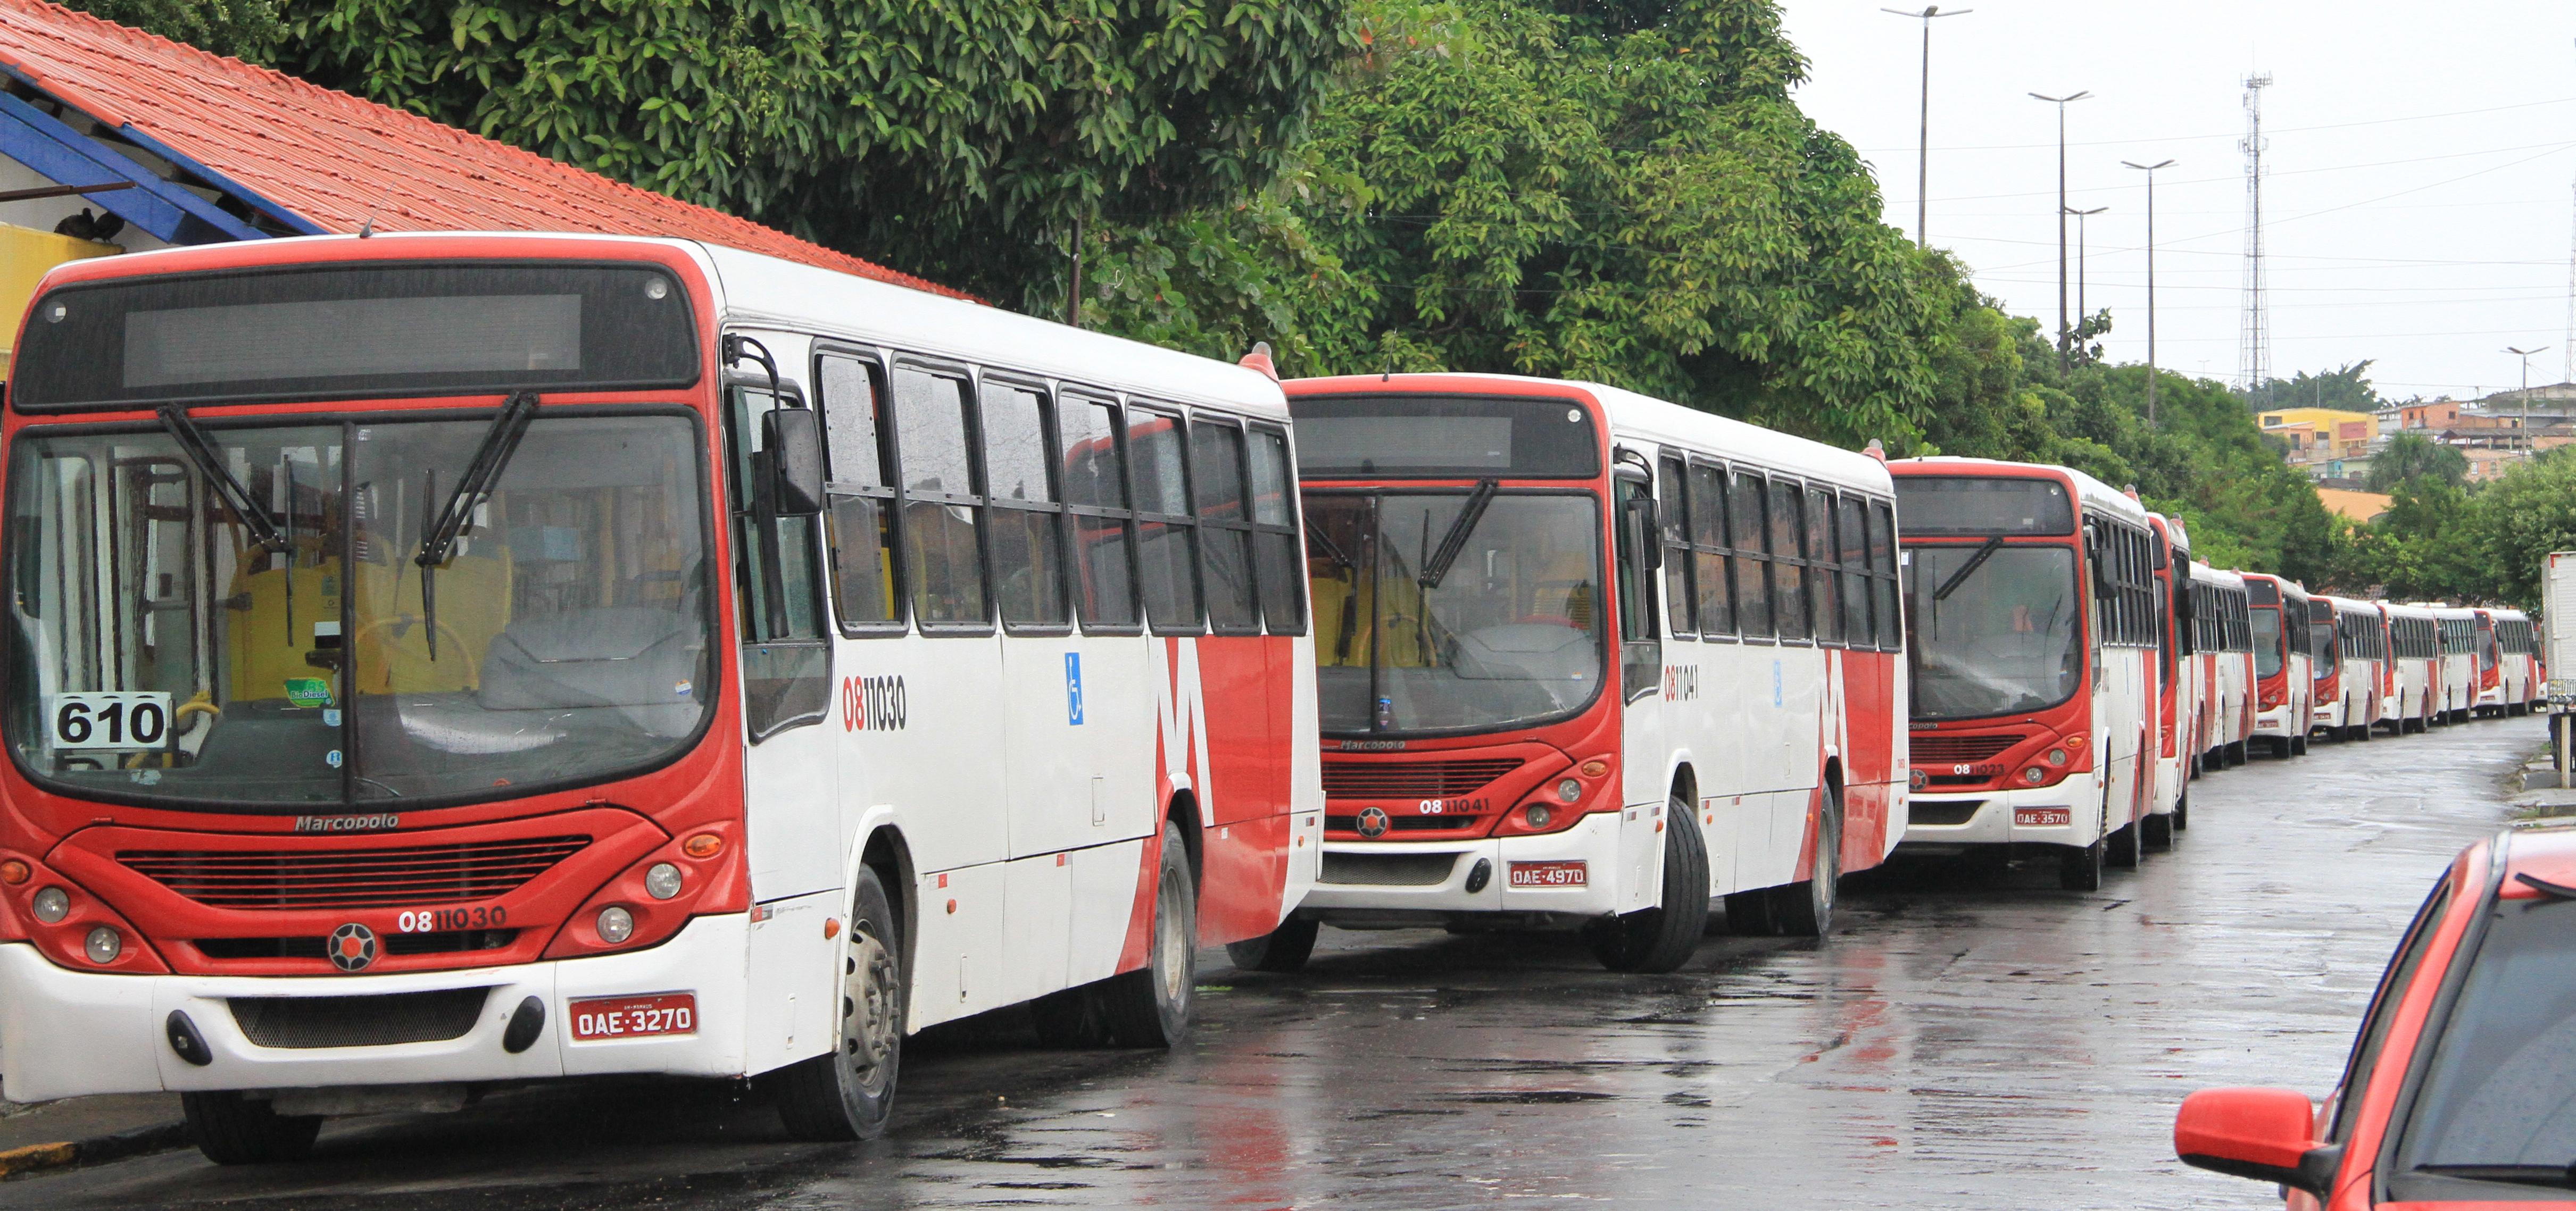 Prefeitura informa alteração de itinerário da linha 073 neste fim de semana